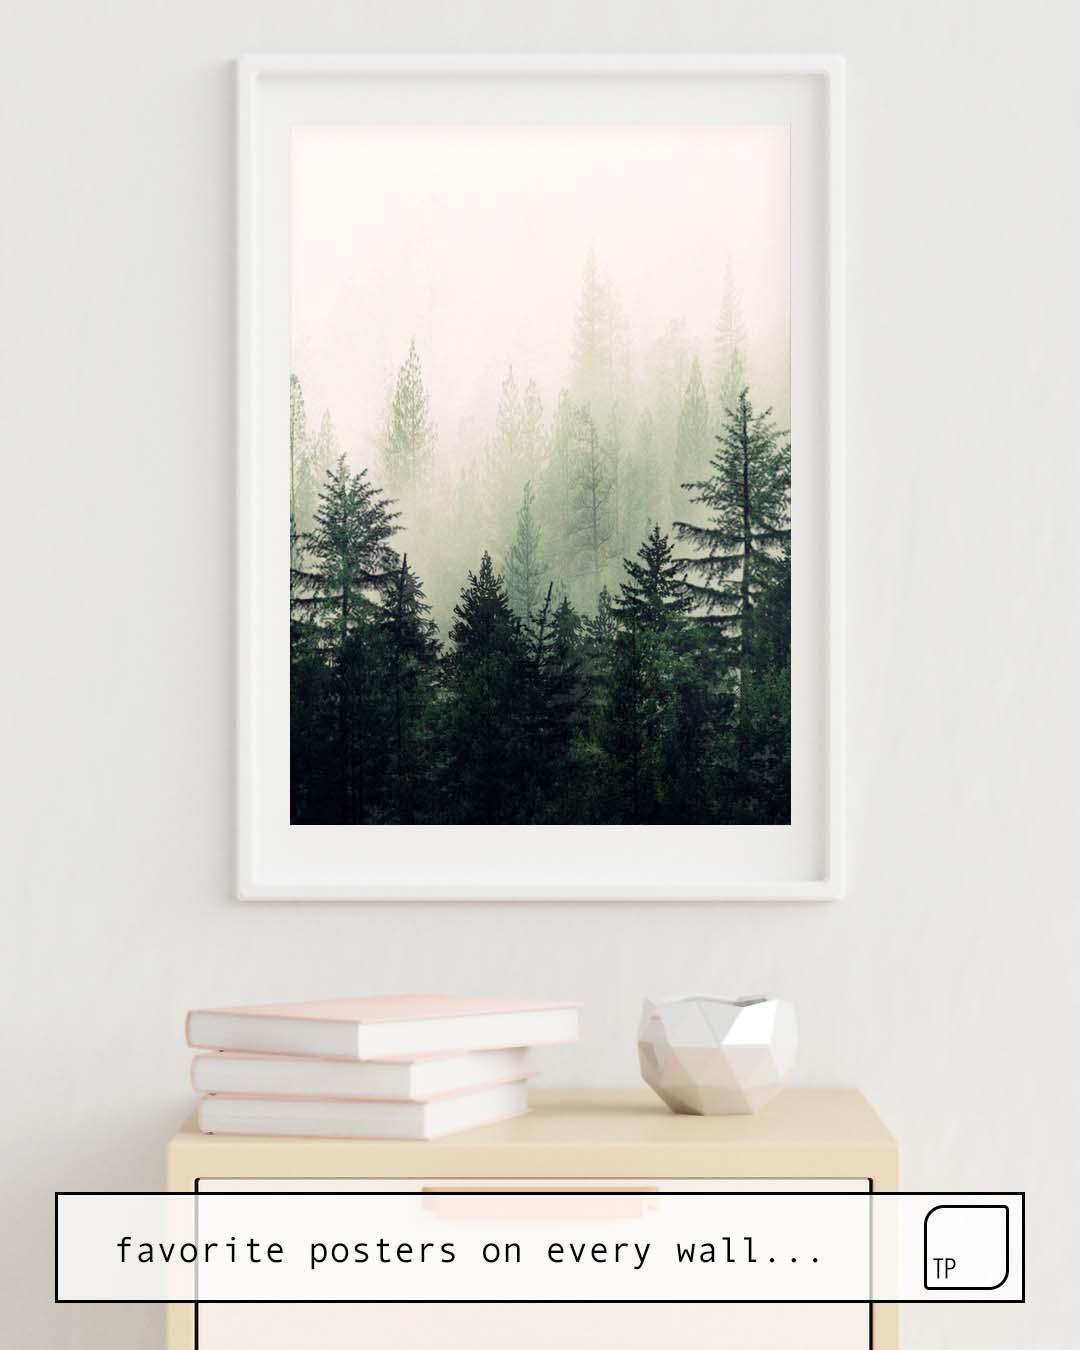 La photo montre un exemple d'ameublement avec le motif FOGGY PINE TREES par Andreas12 comme peinture murale